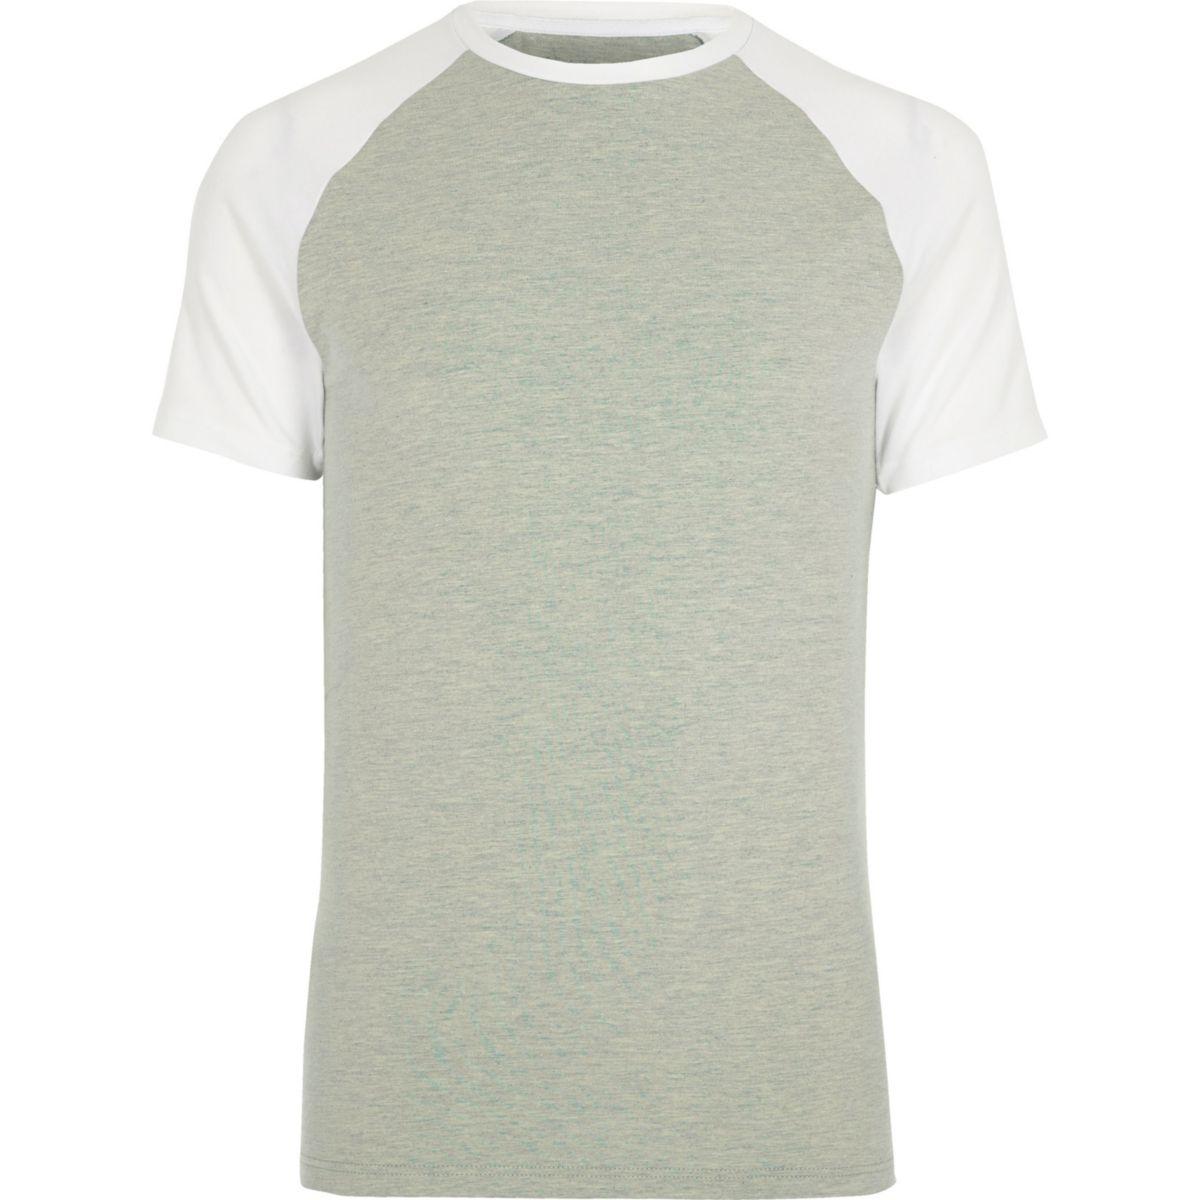 Light green raglan sleeve muscle fit T-shirt